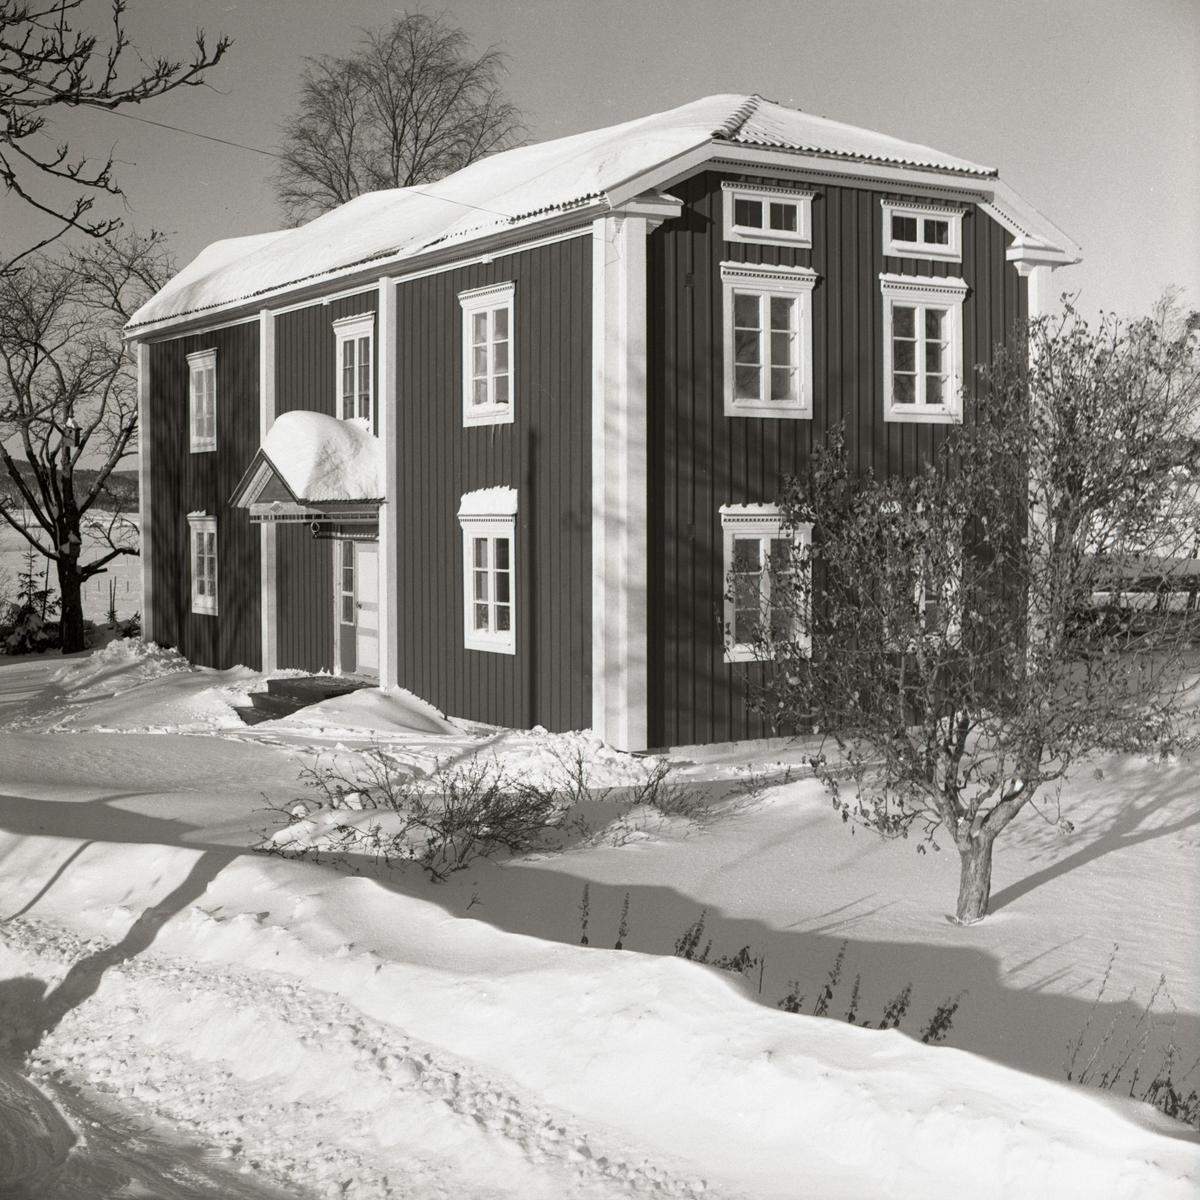 Bostadshuset vid gården Sunnanåker i vinterskrud, 1967-68.